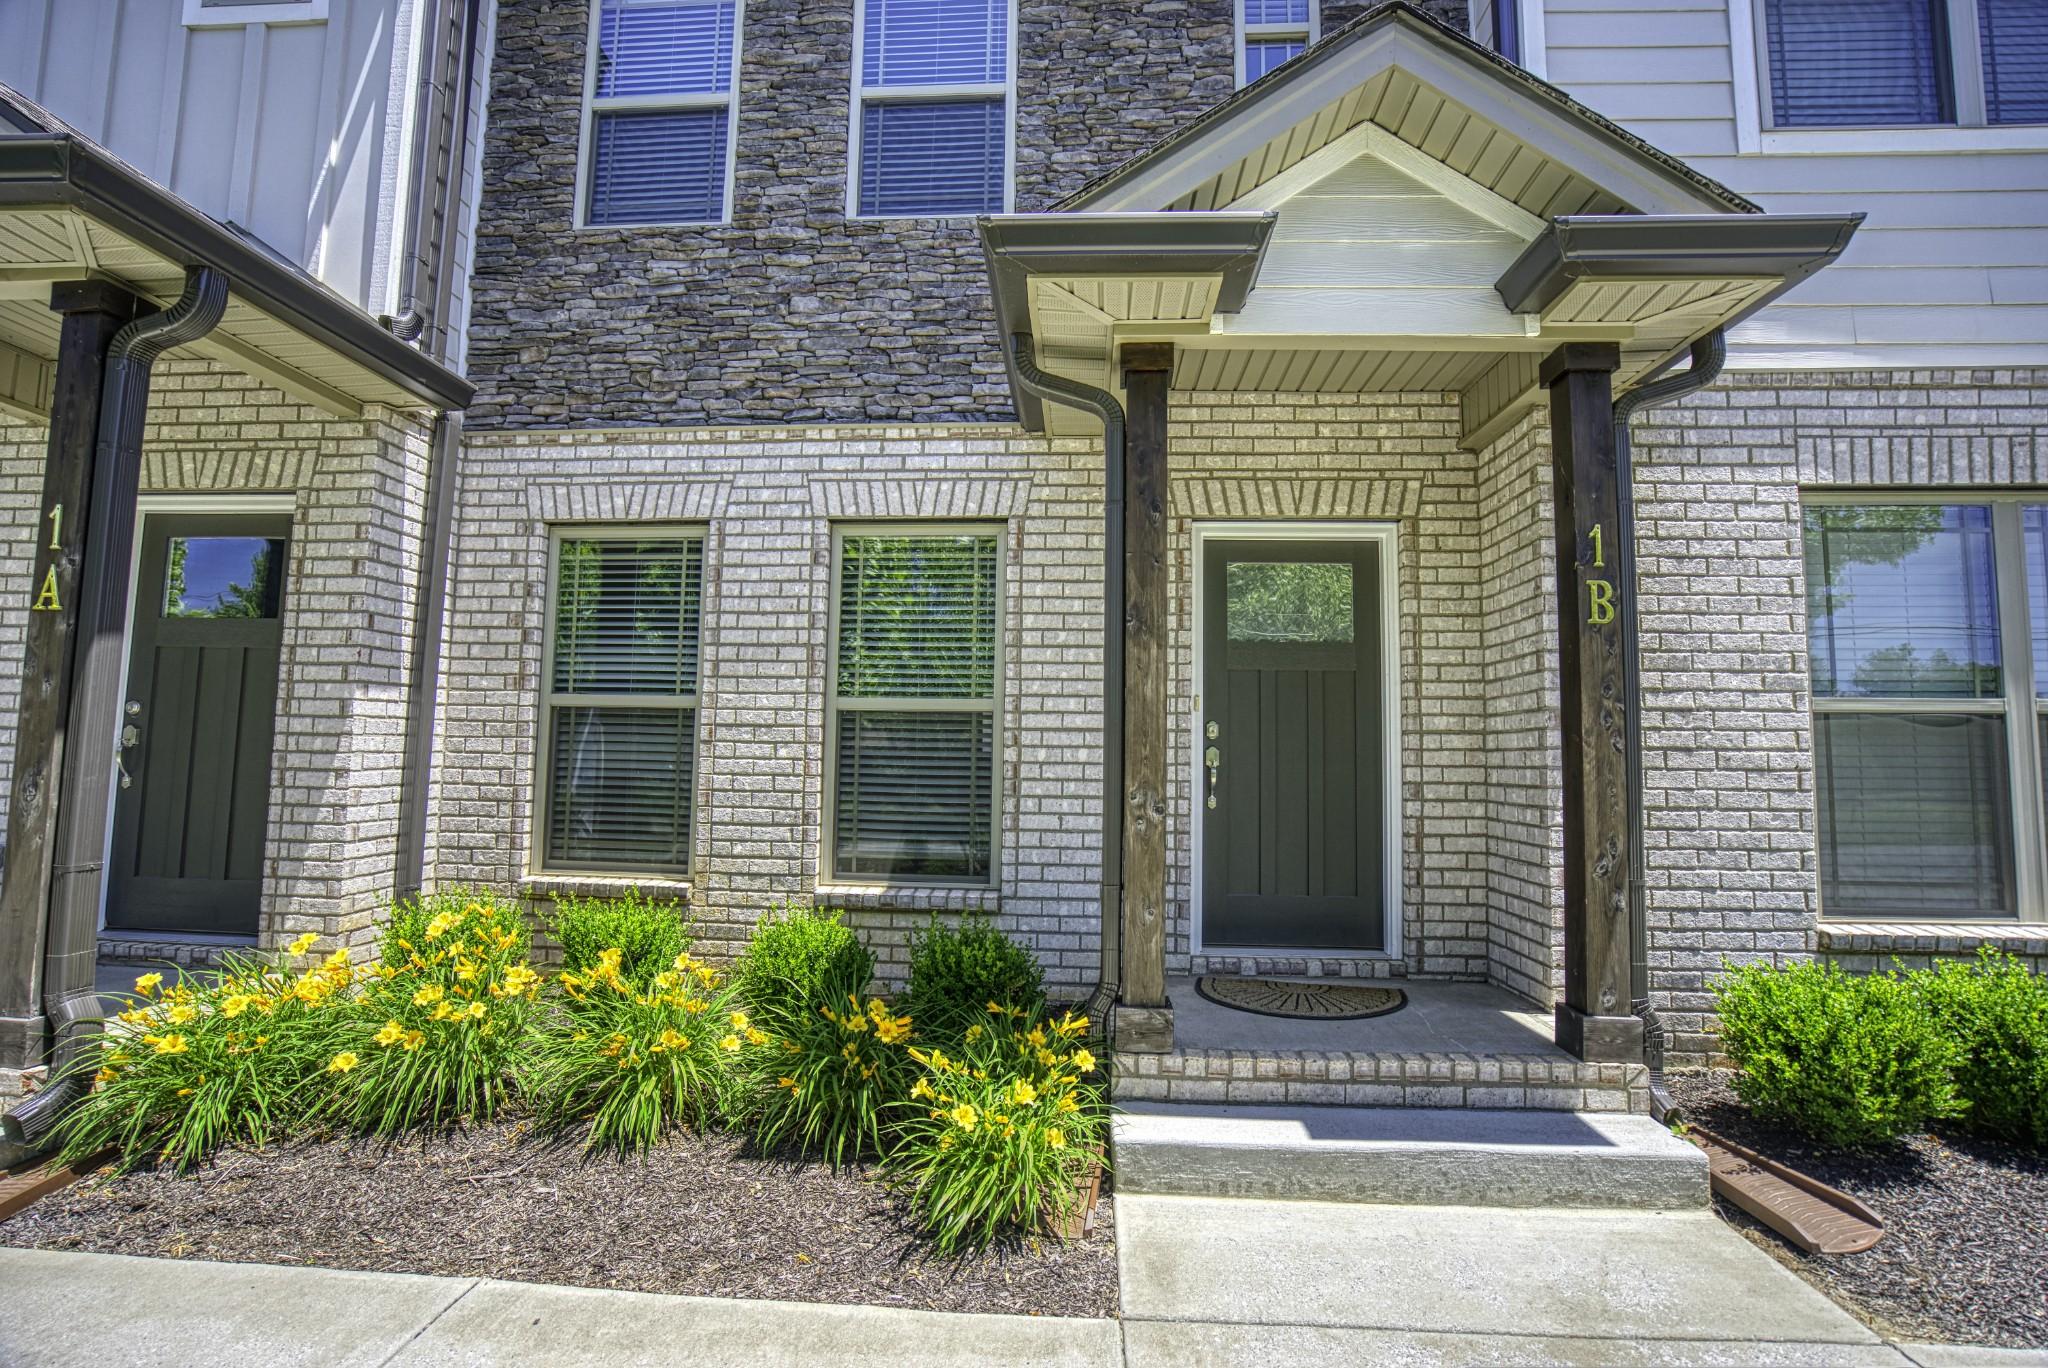 555 Main Real Estate Listings Main Image